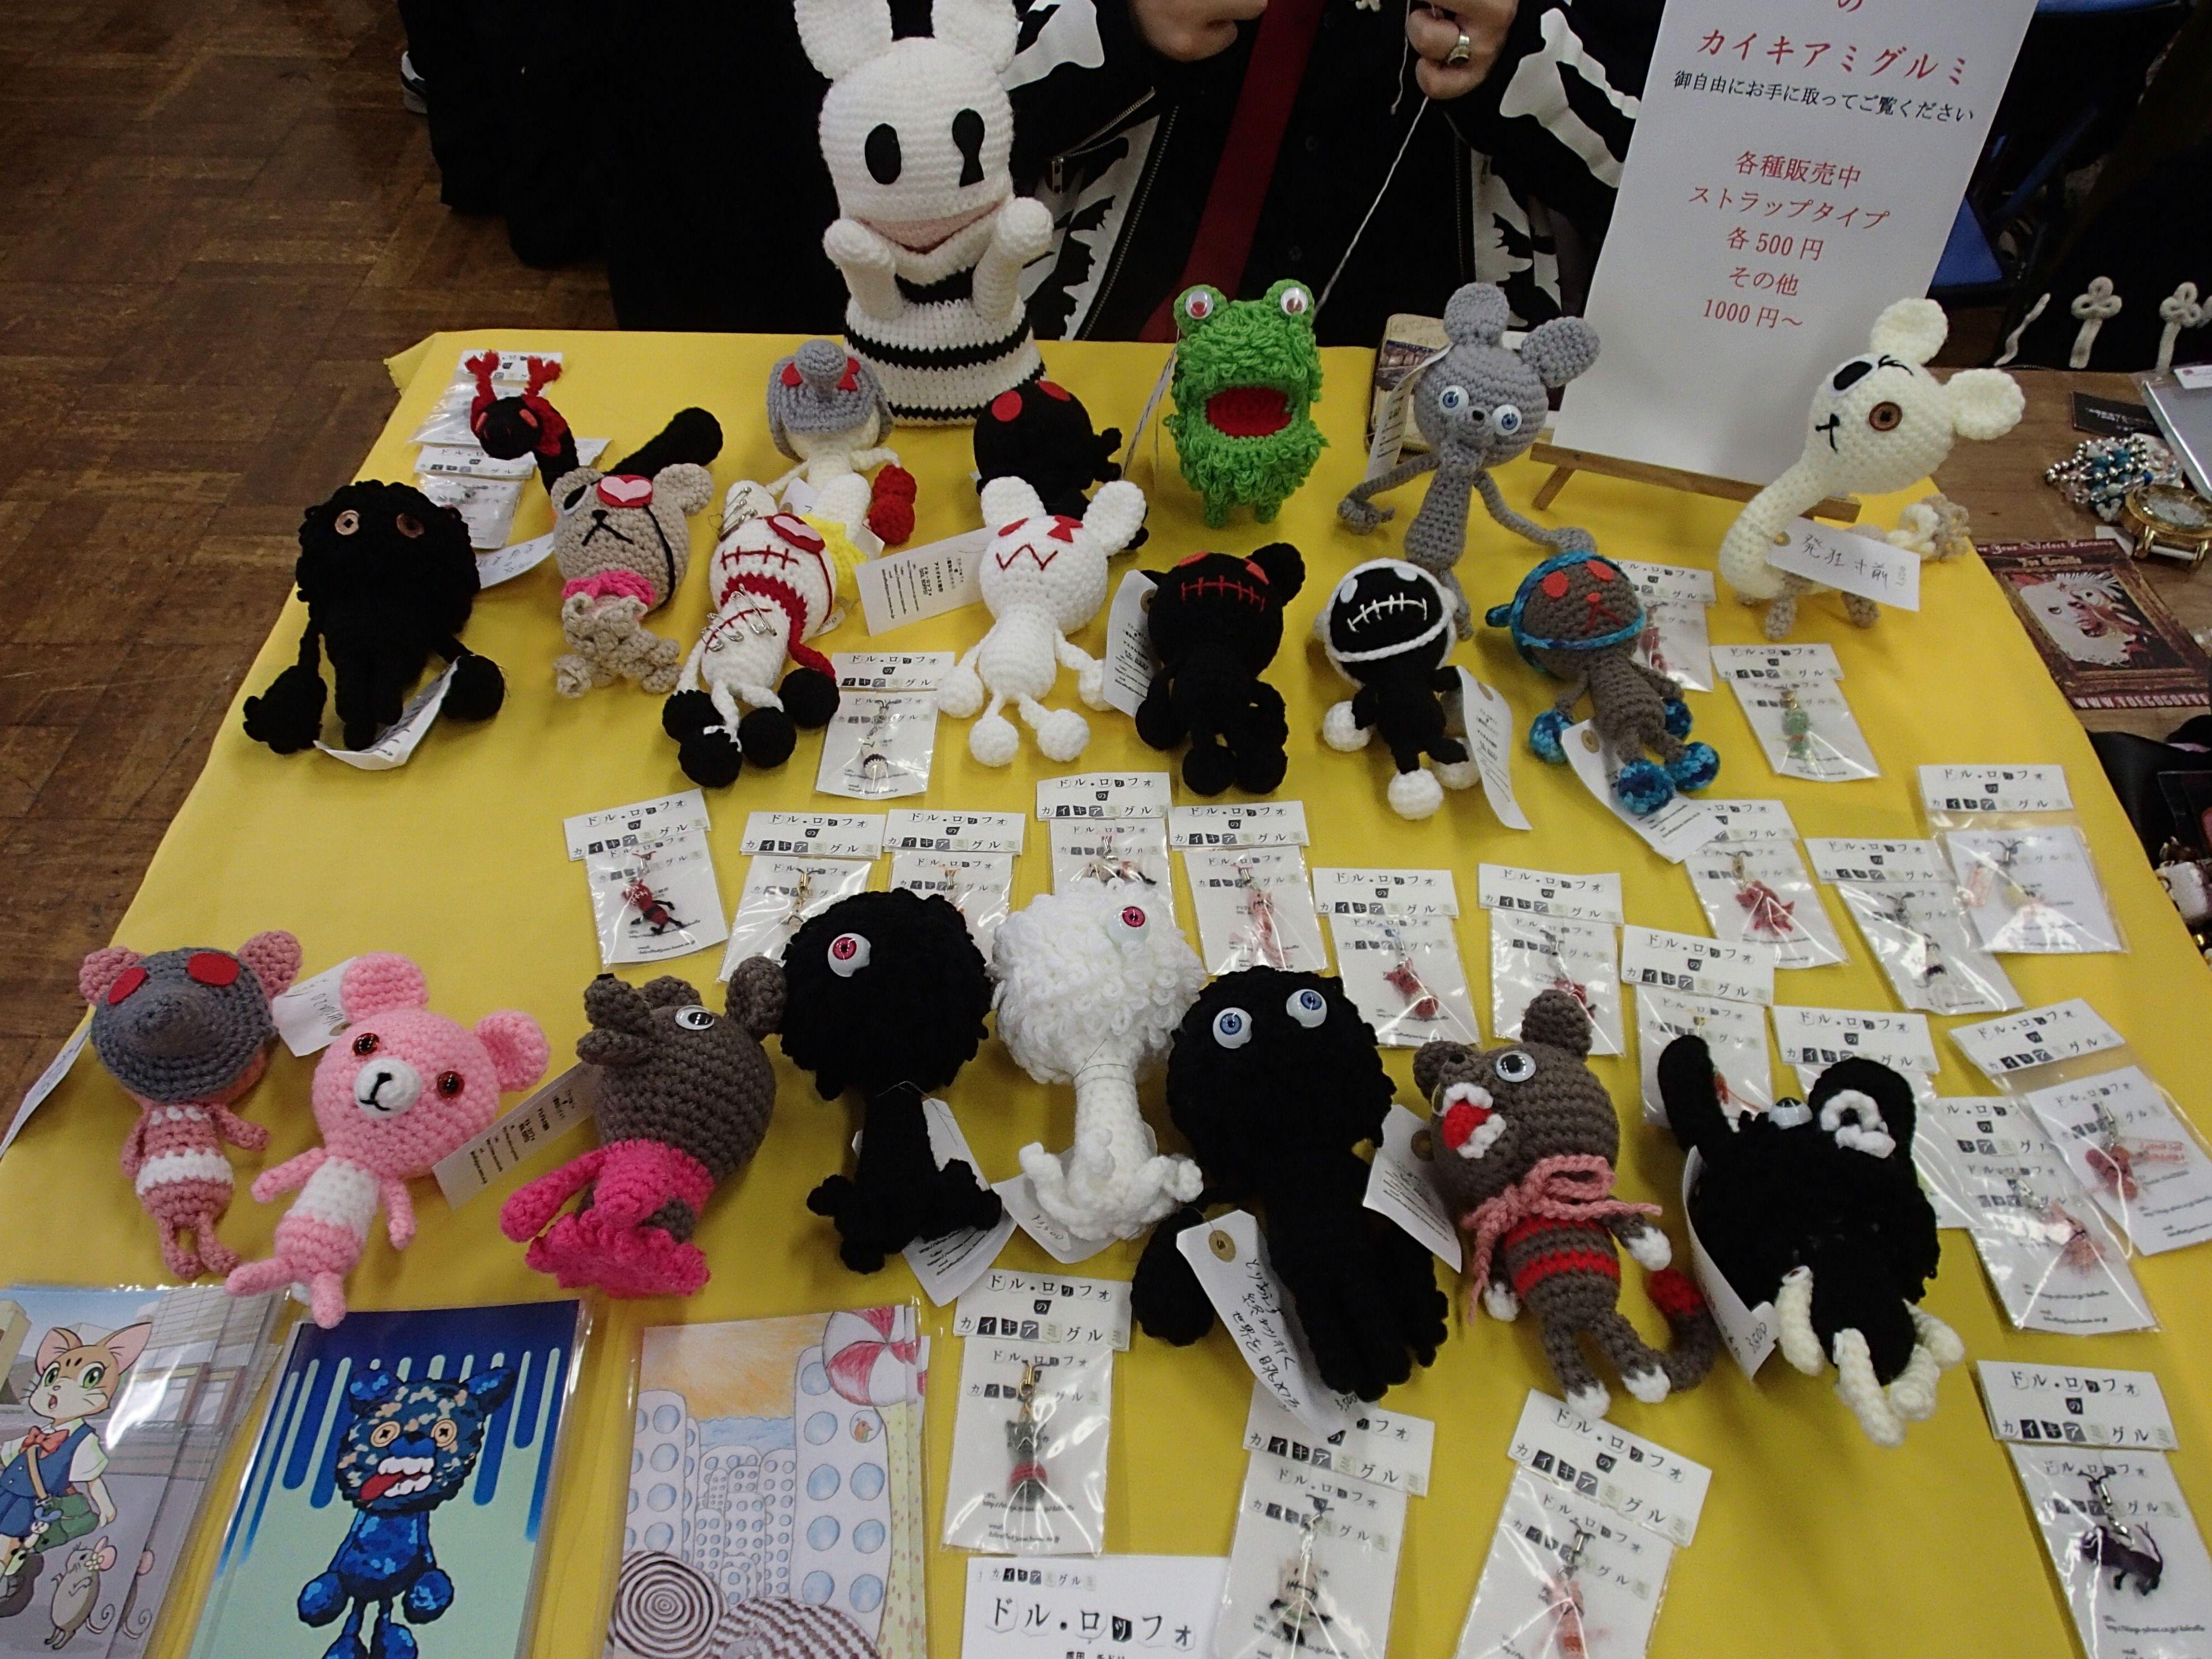 アーティズムマーケット:ARTiSM MARKET 03@東京都立産業貿易センター浜松町館~アンダーグラウンド史上最大の展示即売会~